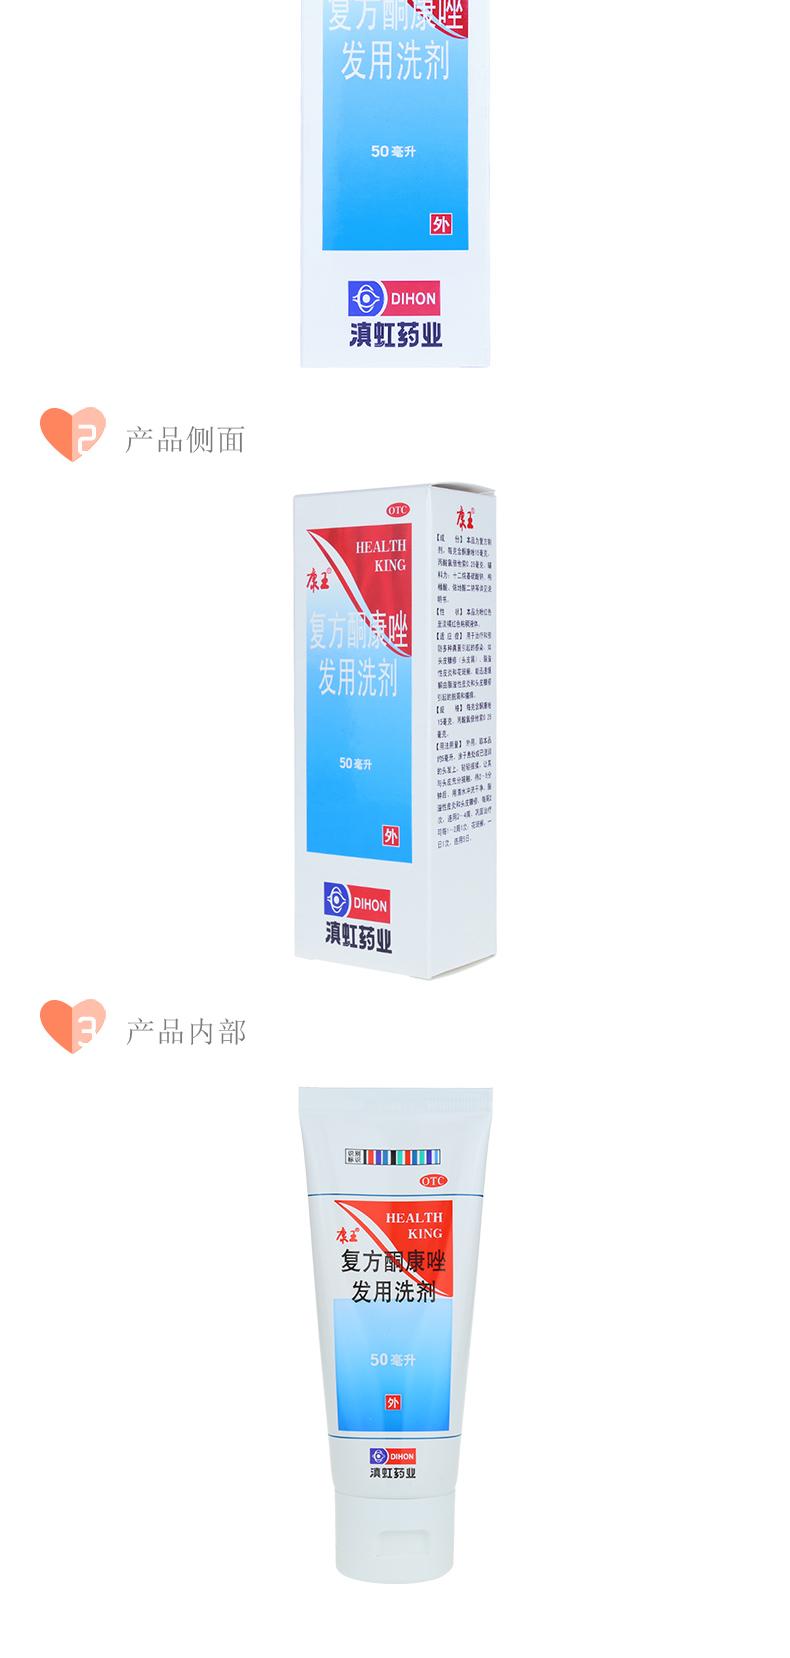 复方酮康唑发用洗剂(采能)价格对比 100ml_315网